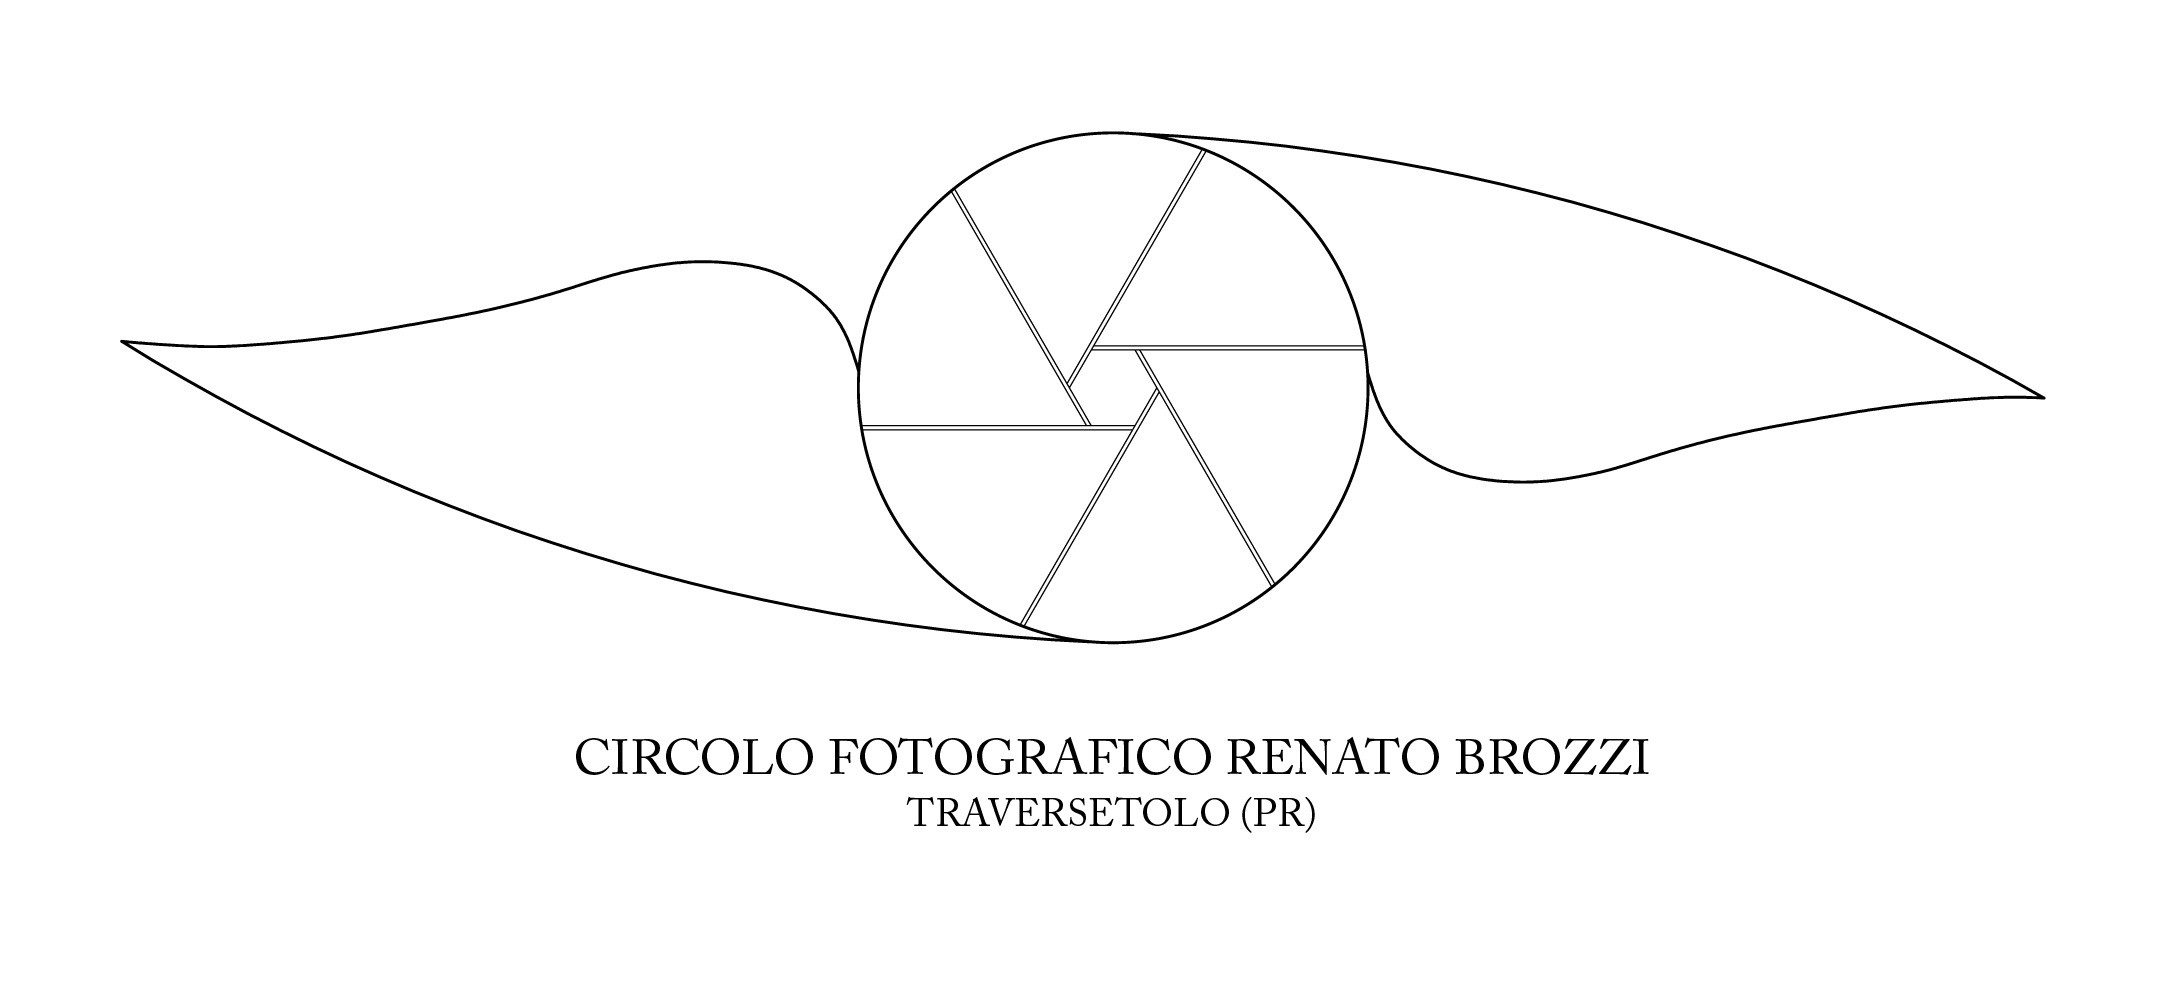 APPUNTAMENTI AL BROZZI -incontro con la fotografaEnrica Carbognani